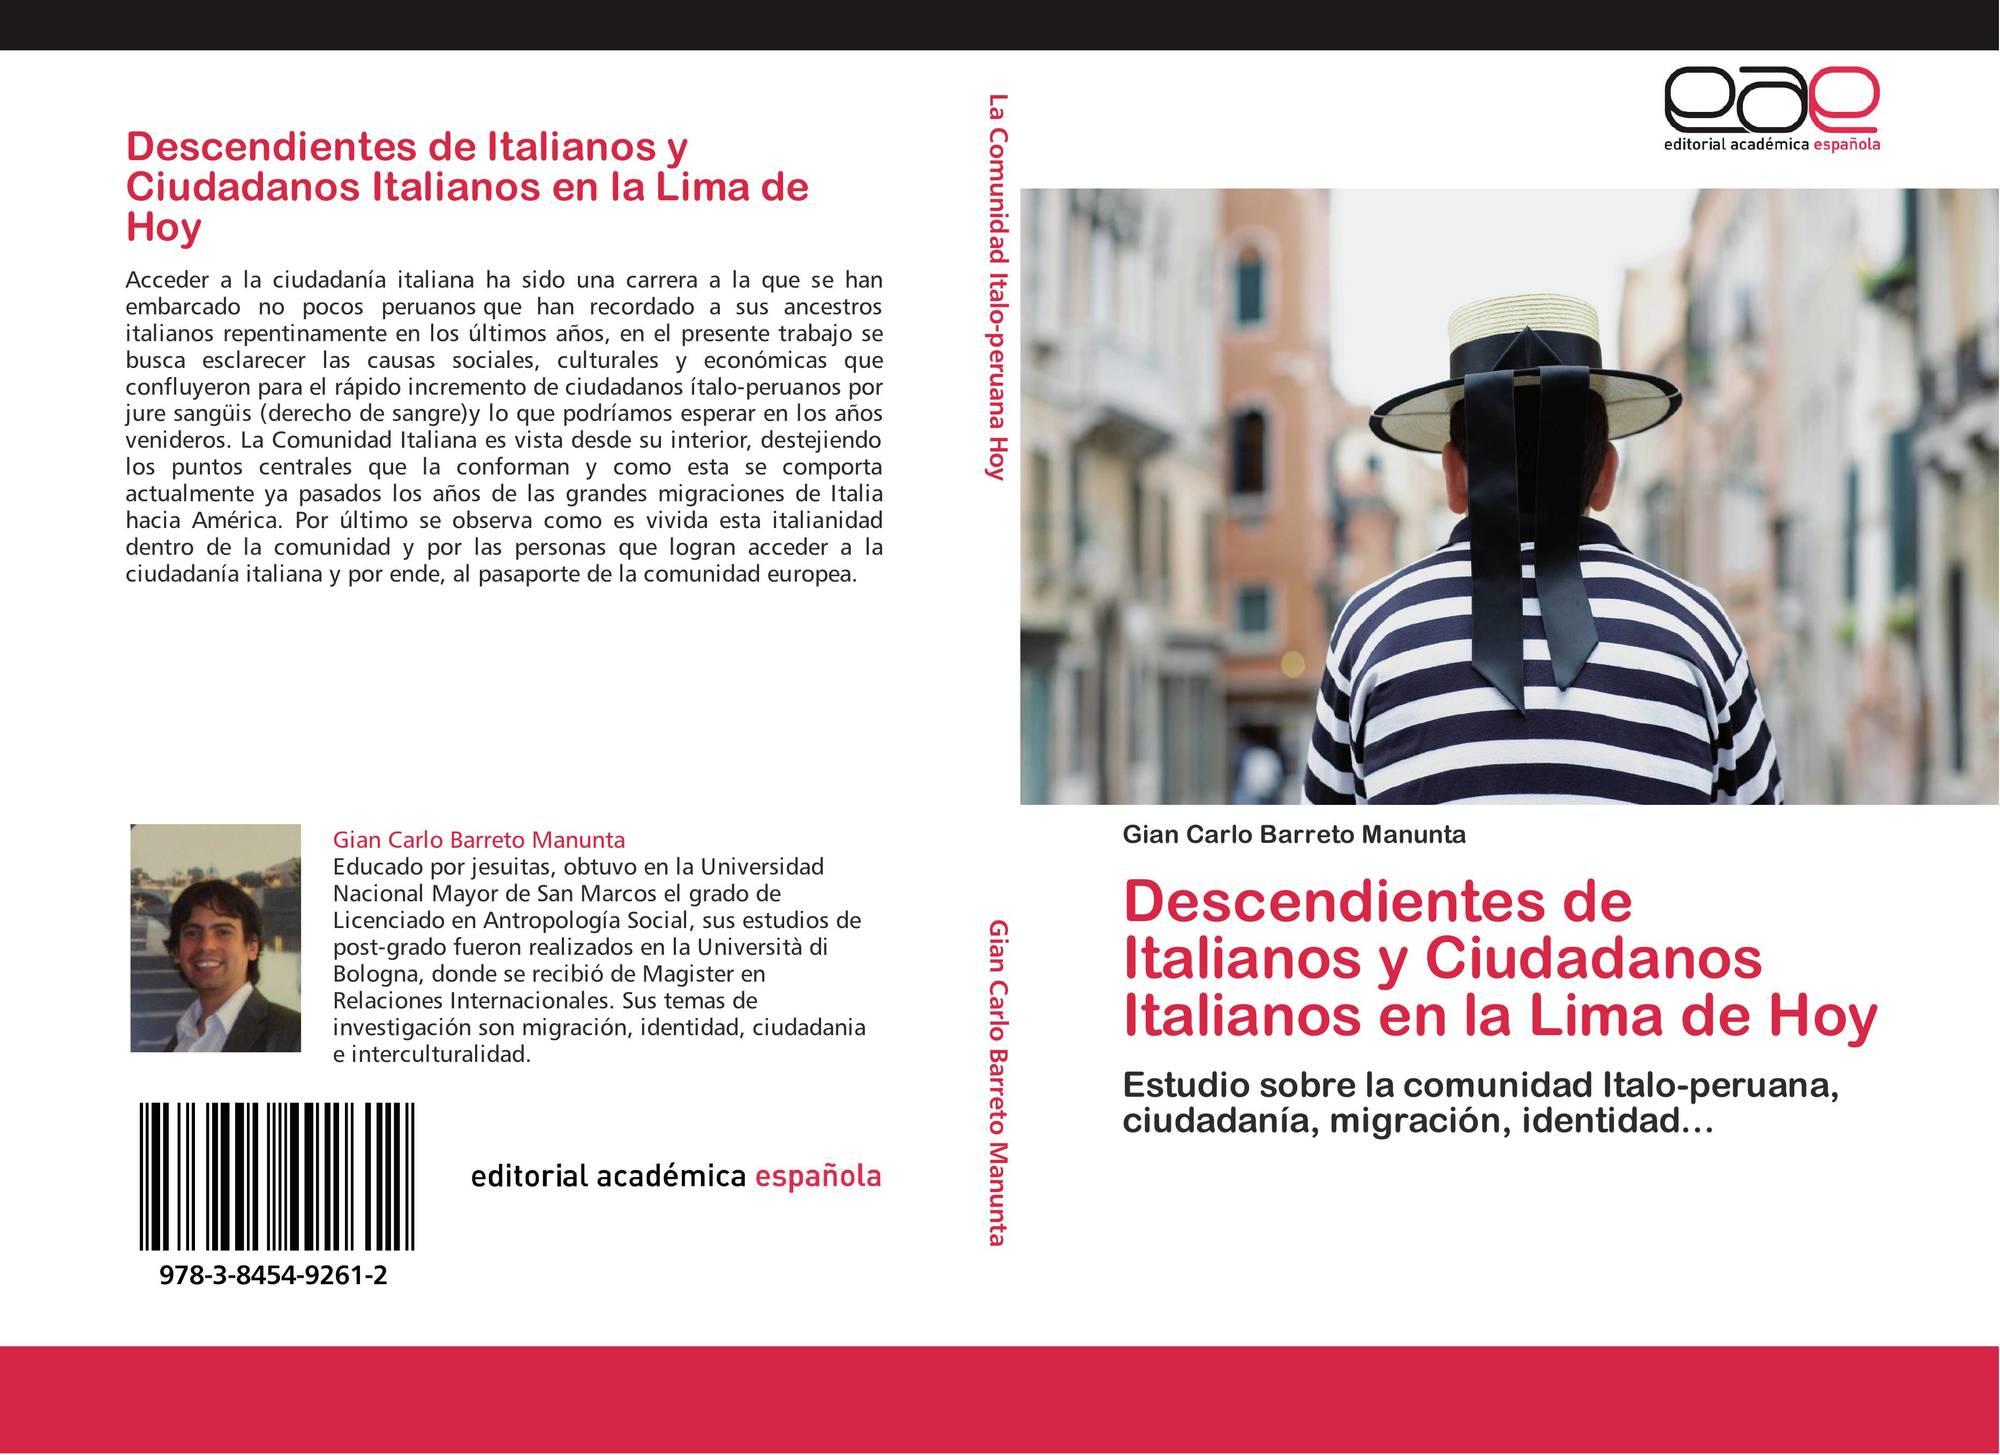 Descendientes de Italianos y Ciudadanos Italianos en la Lima de Hoy ...